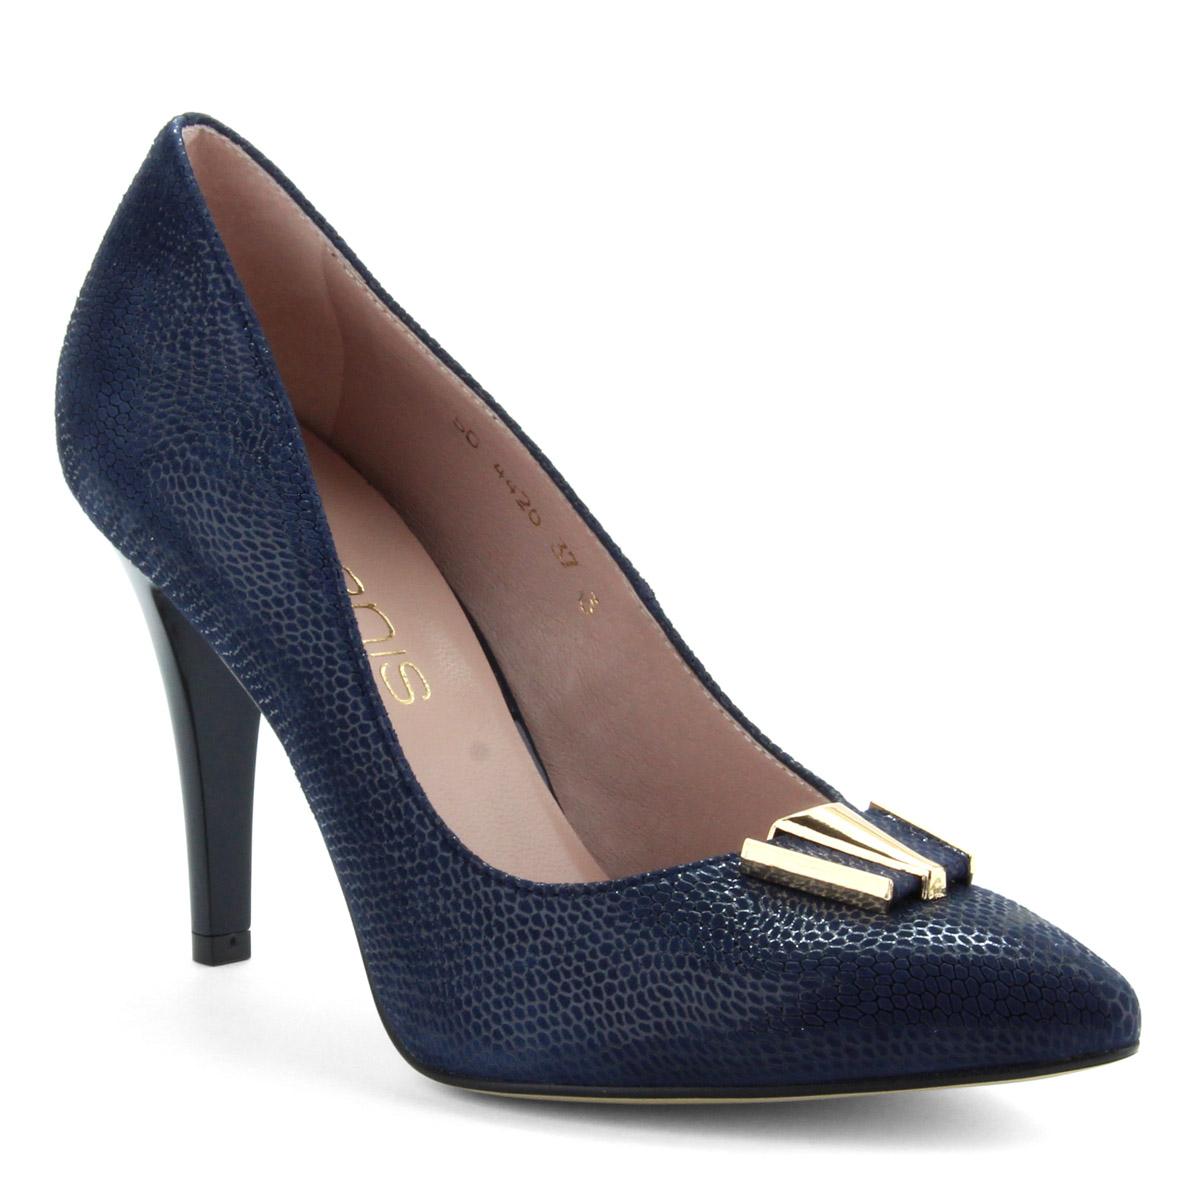 9 cm magas sarkú sötétkék női magas sarkú cipő strukturált bőr felsőrésszel  és bőr béléssel. 803fcdf97c